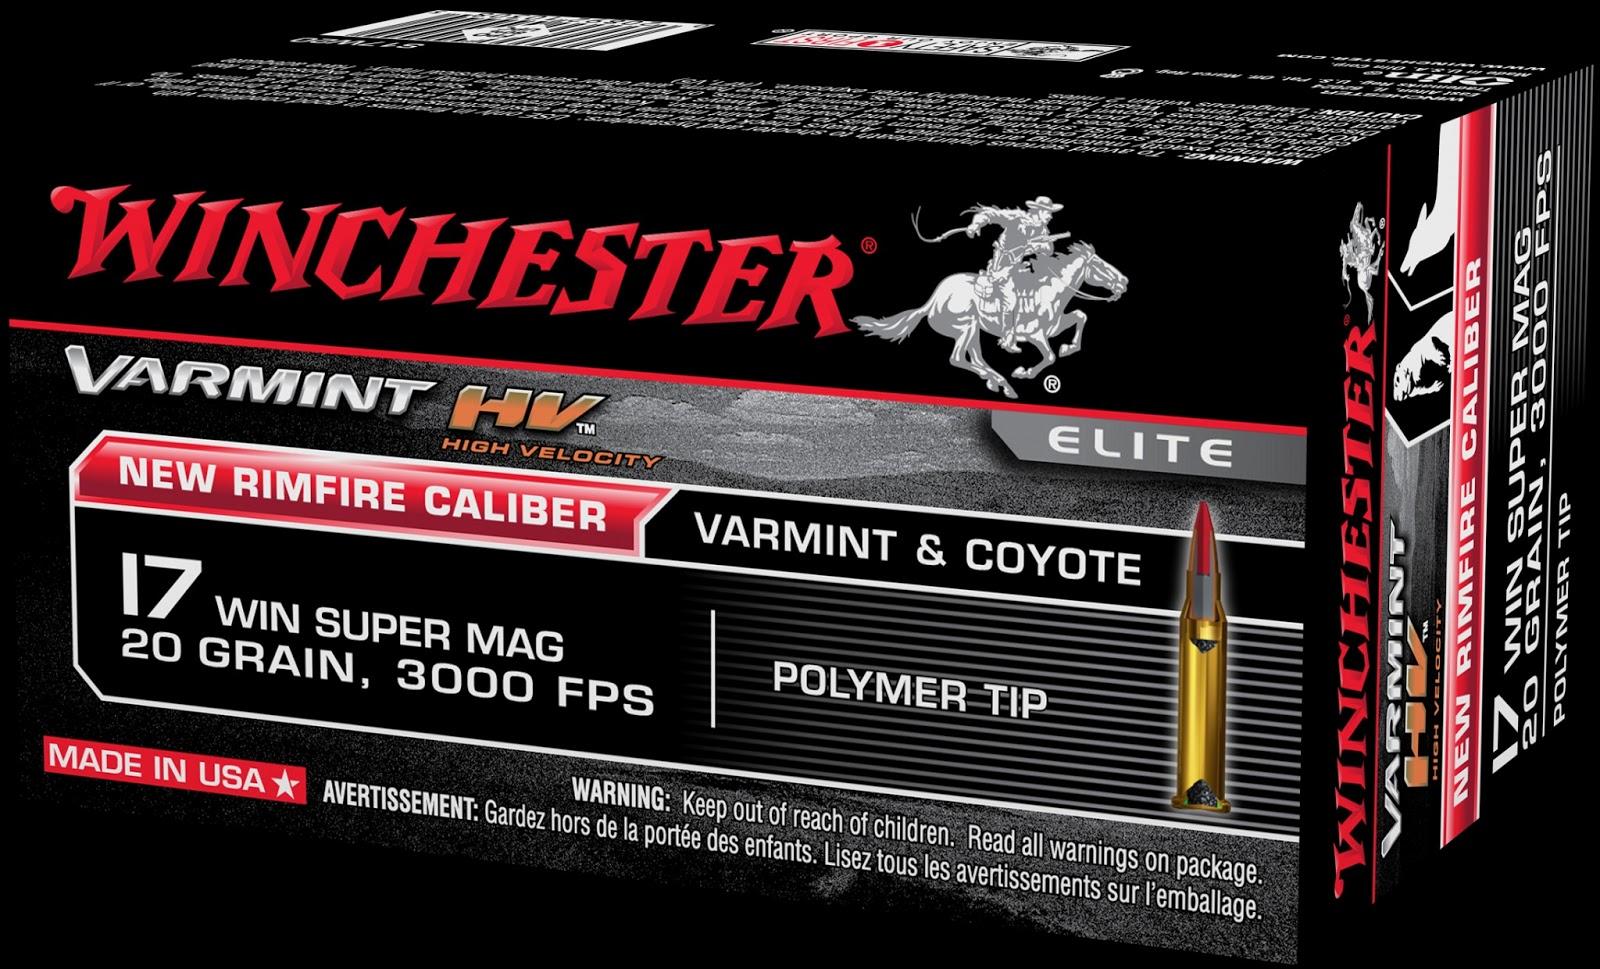 17 Winchester Super Magnum - Το Ισχυρότερο Περιφερειακής Πυροδότησης  Φυσίγγιο στο Κόσμο! 853cffc26f3